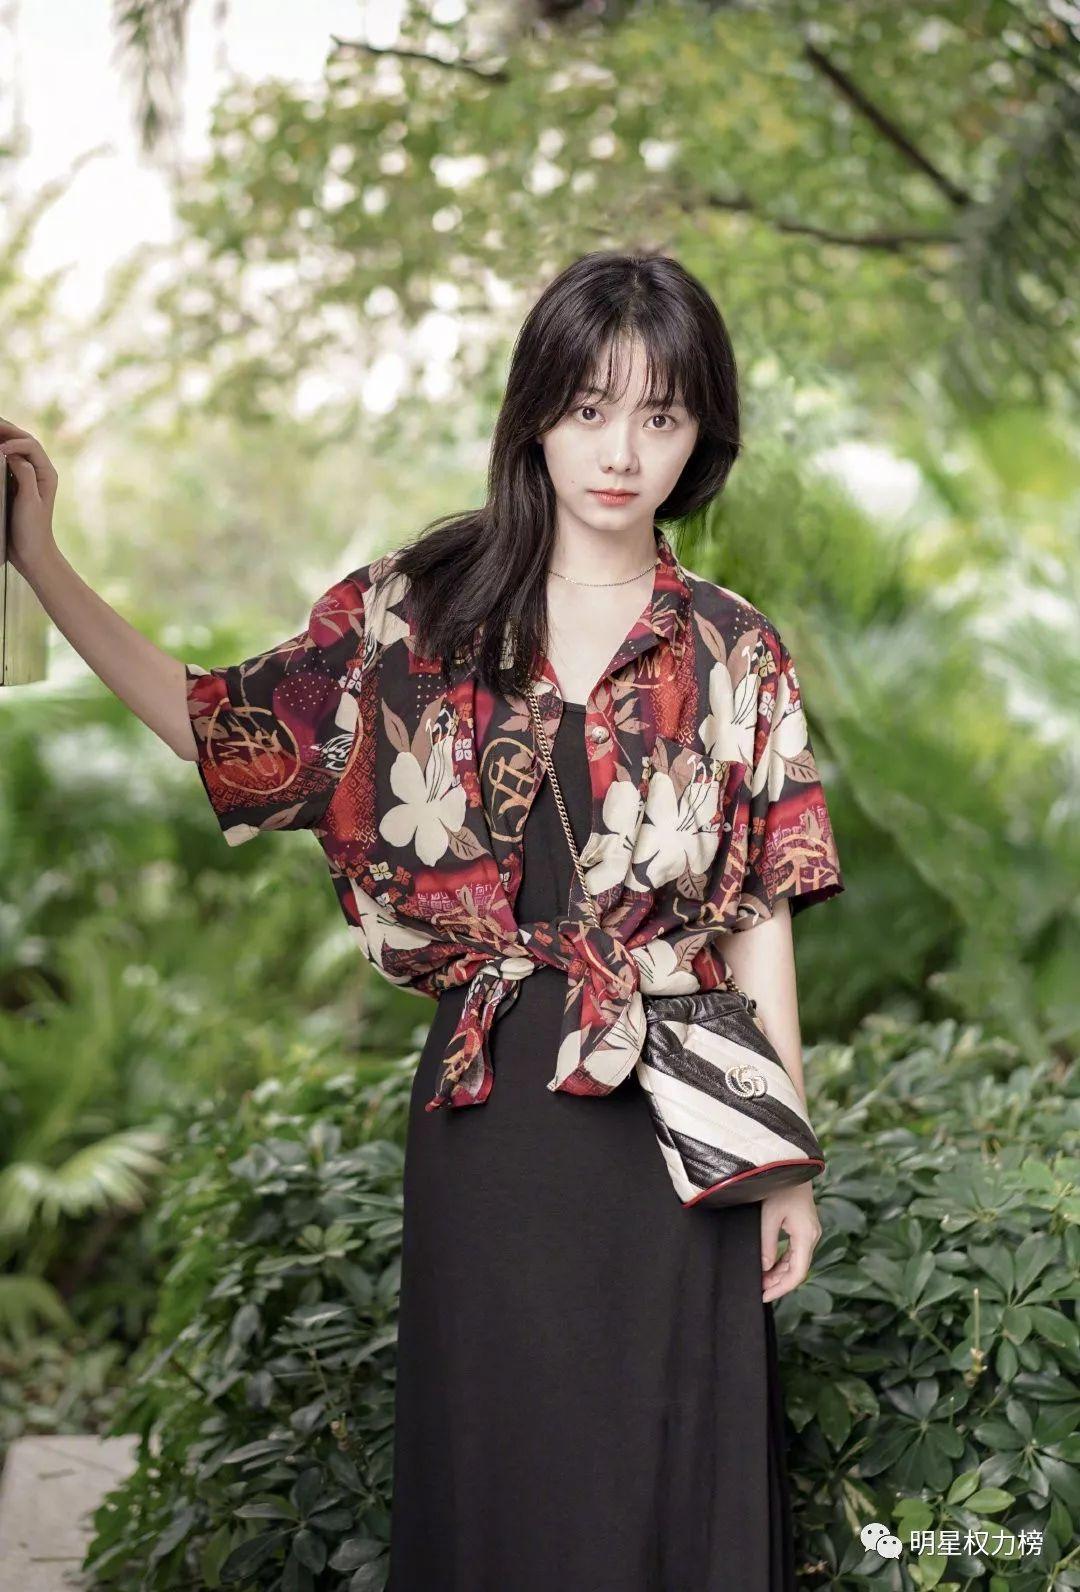 快讯|蔡徐坤时装周、迪丽热巴《时尚大师》、胡歌封面、陈立农活动